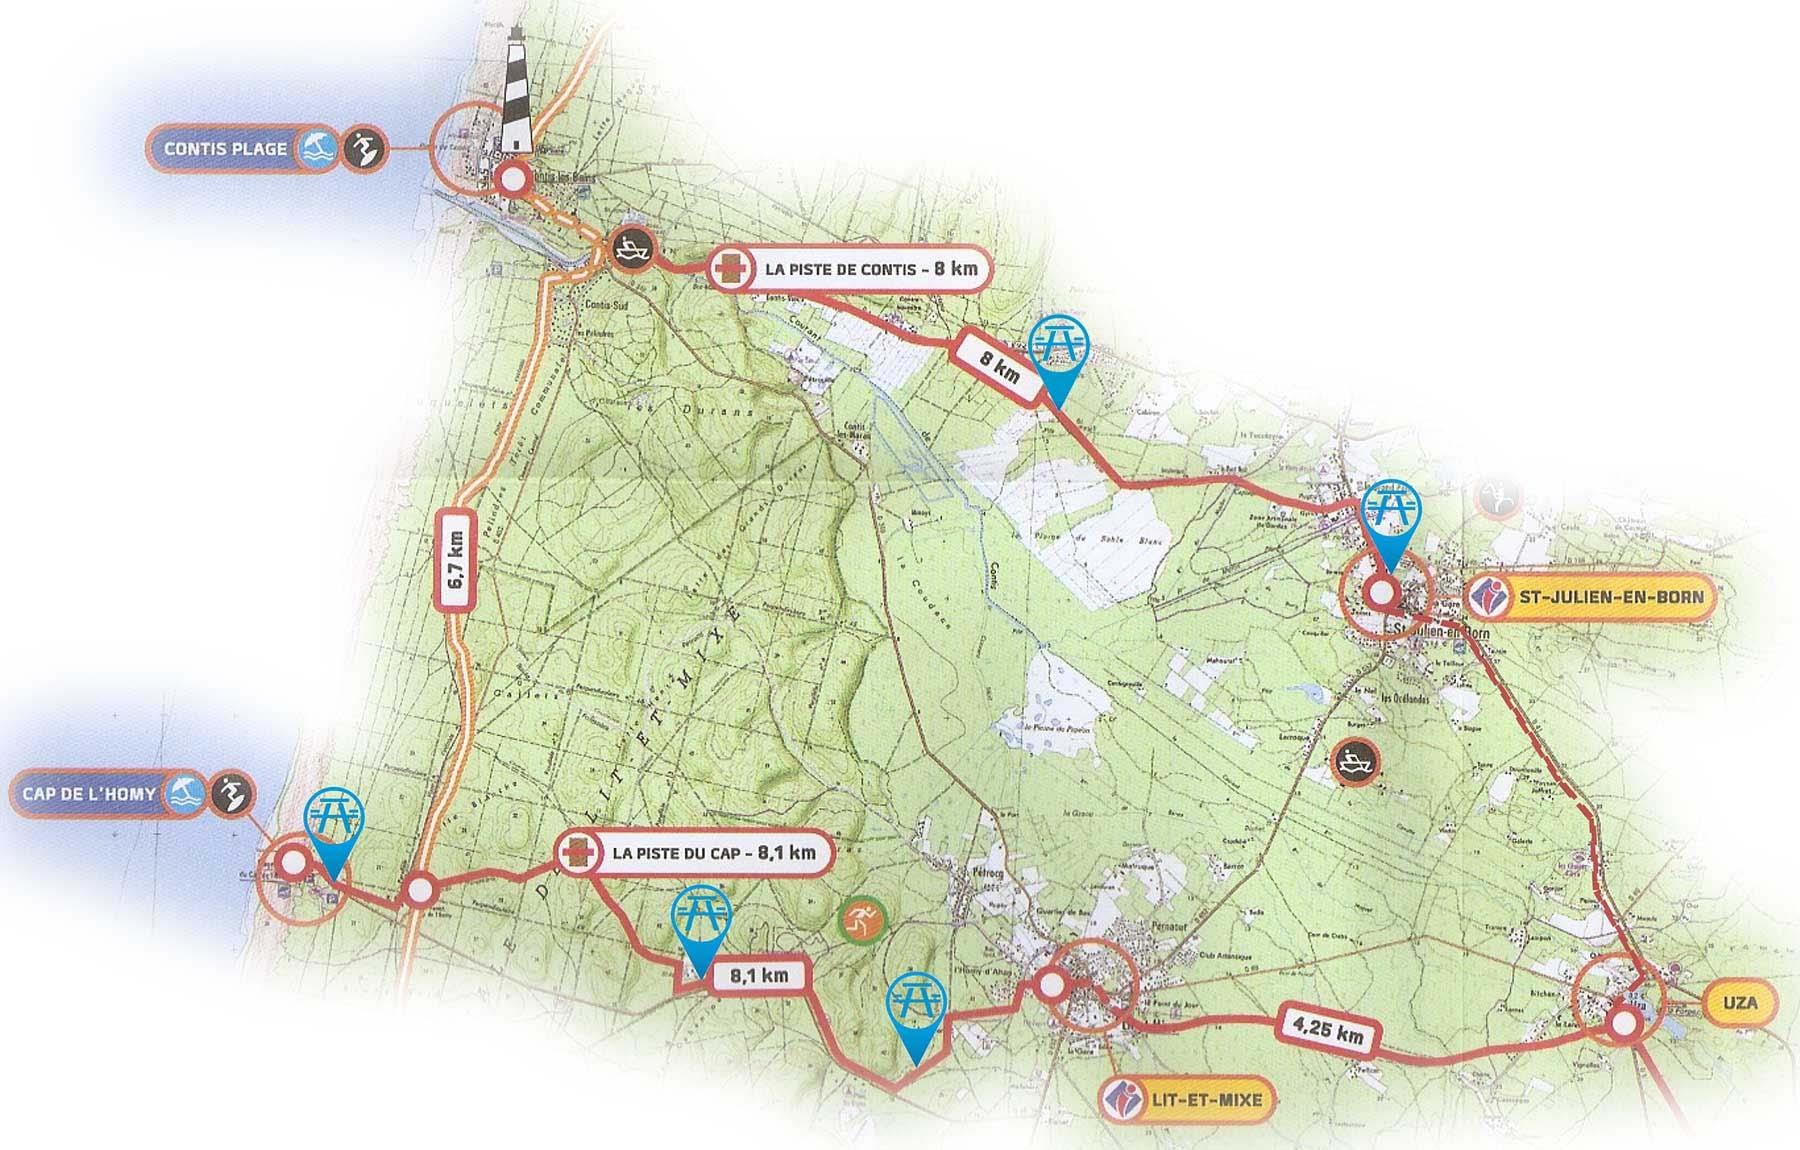 Ruta circular en bici por Lit-et-Mixe, Contis Plage y Uza